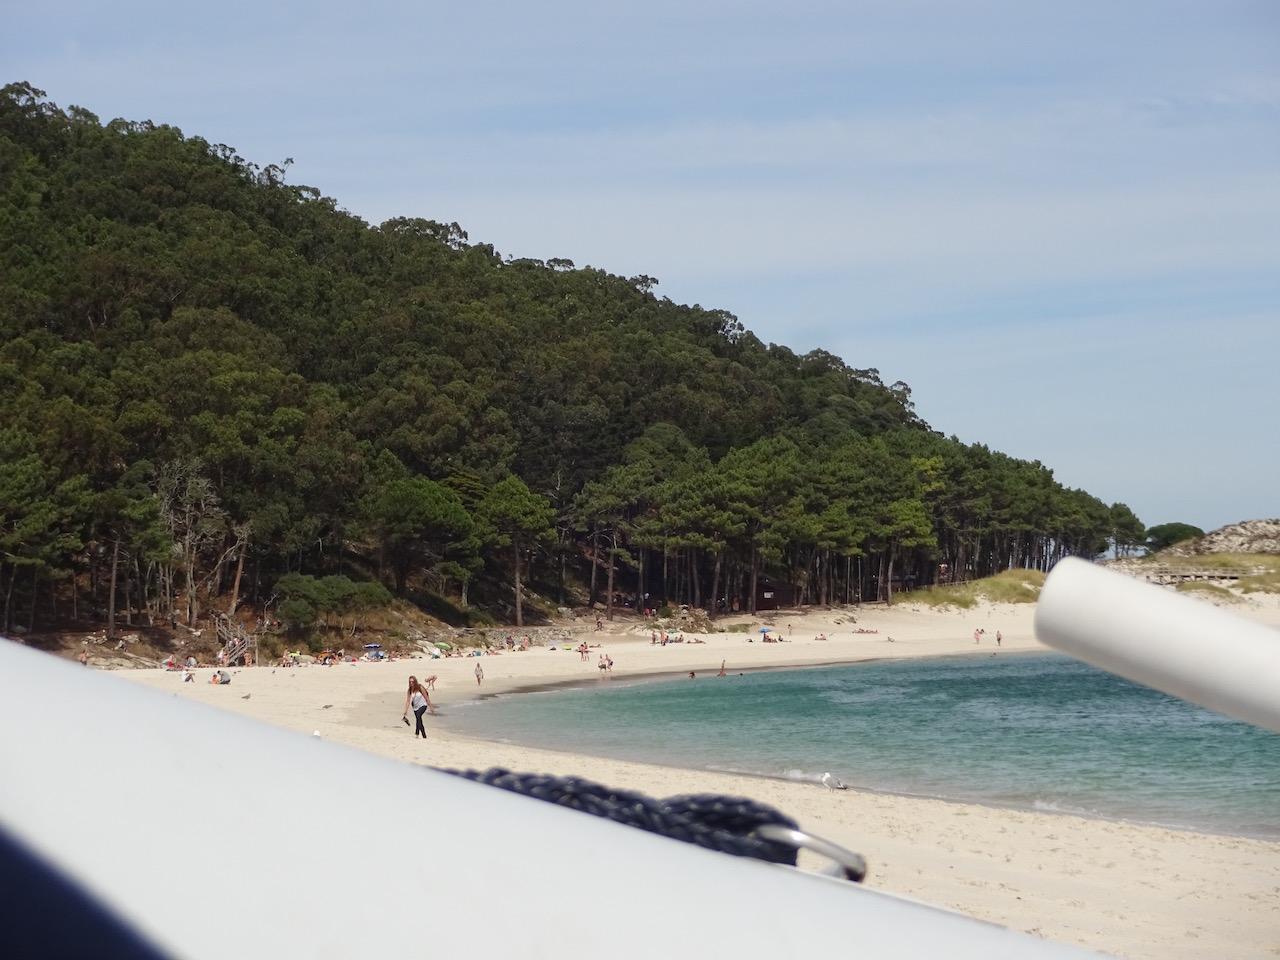 Blick in die Badebucht - am Abend verlassen die meisten Touristen die Insel mit eine der Fähren und wir Segler hatten den Strand für uns